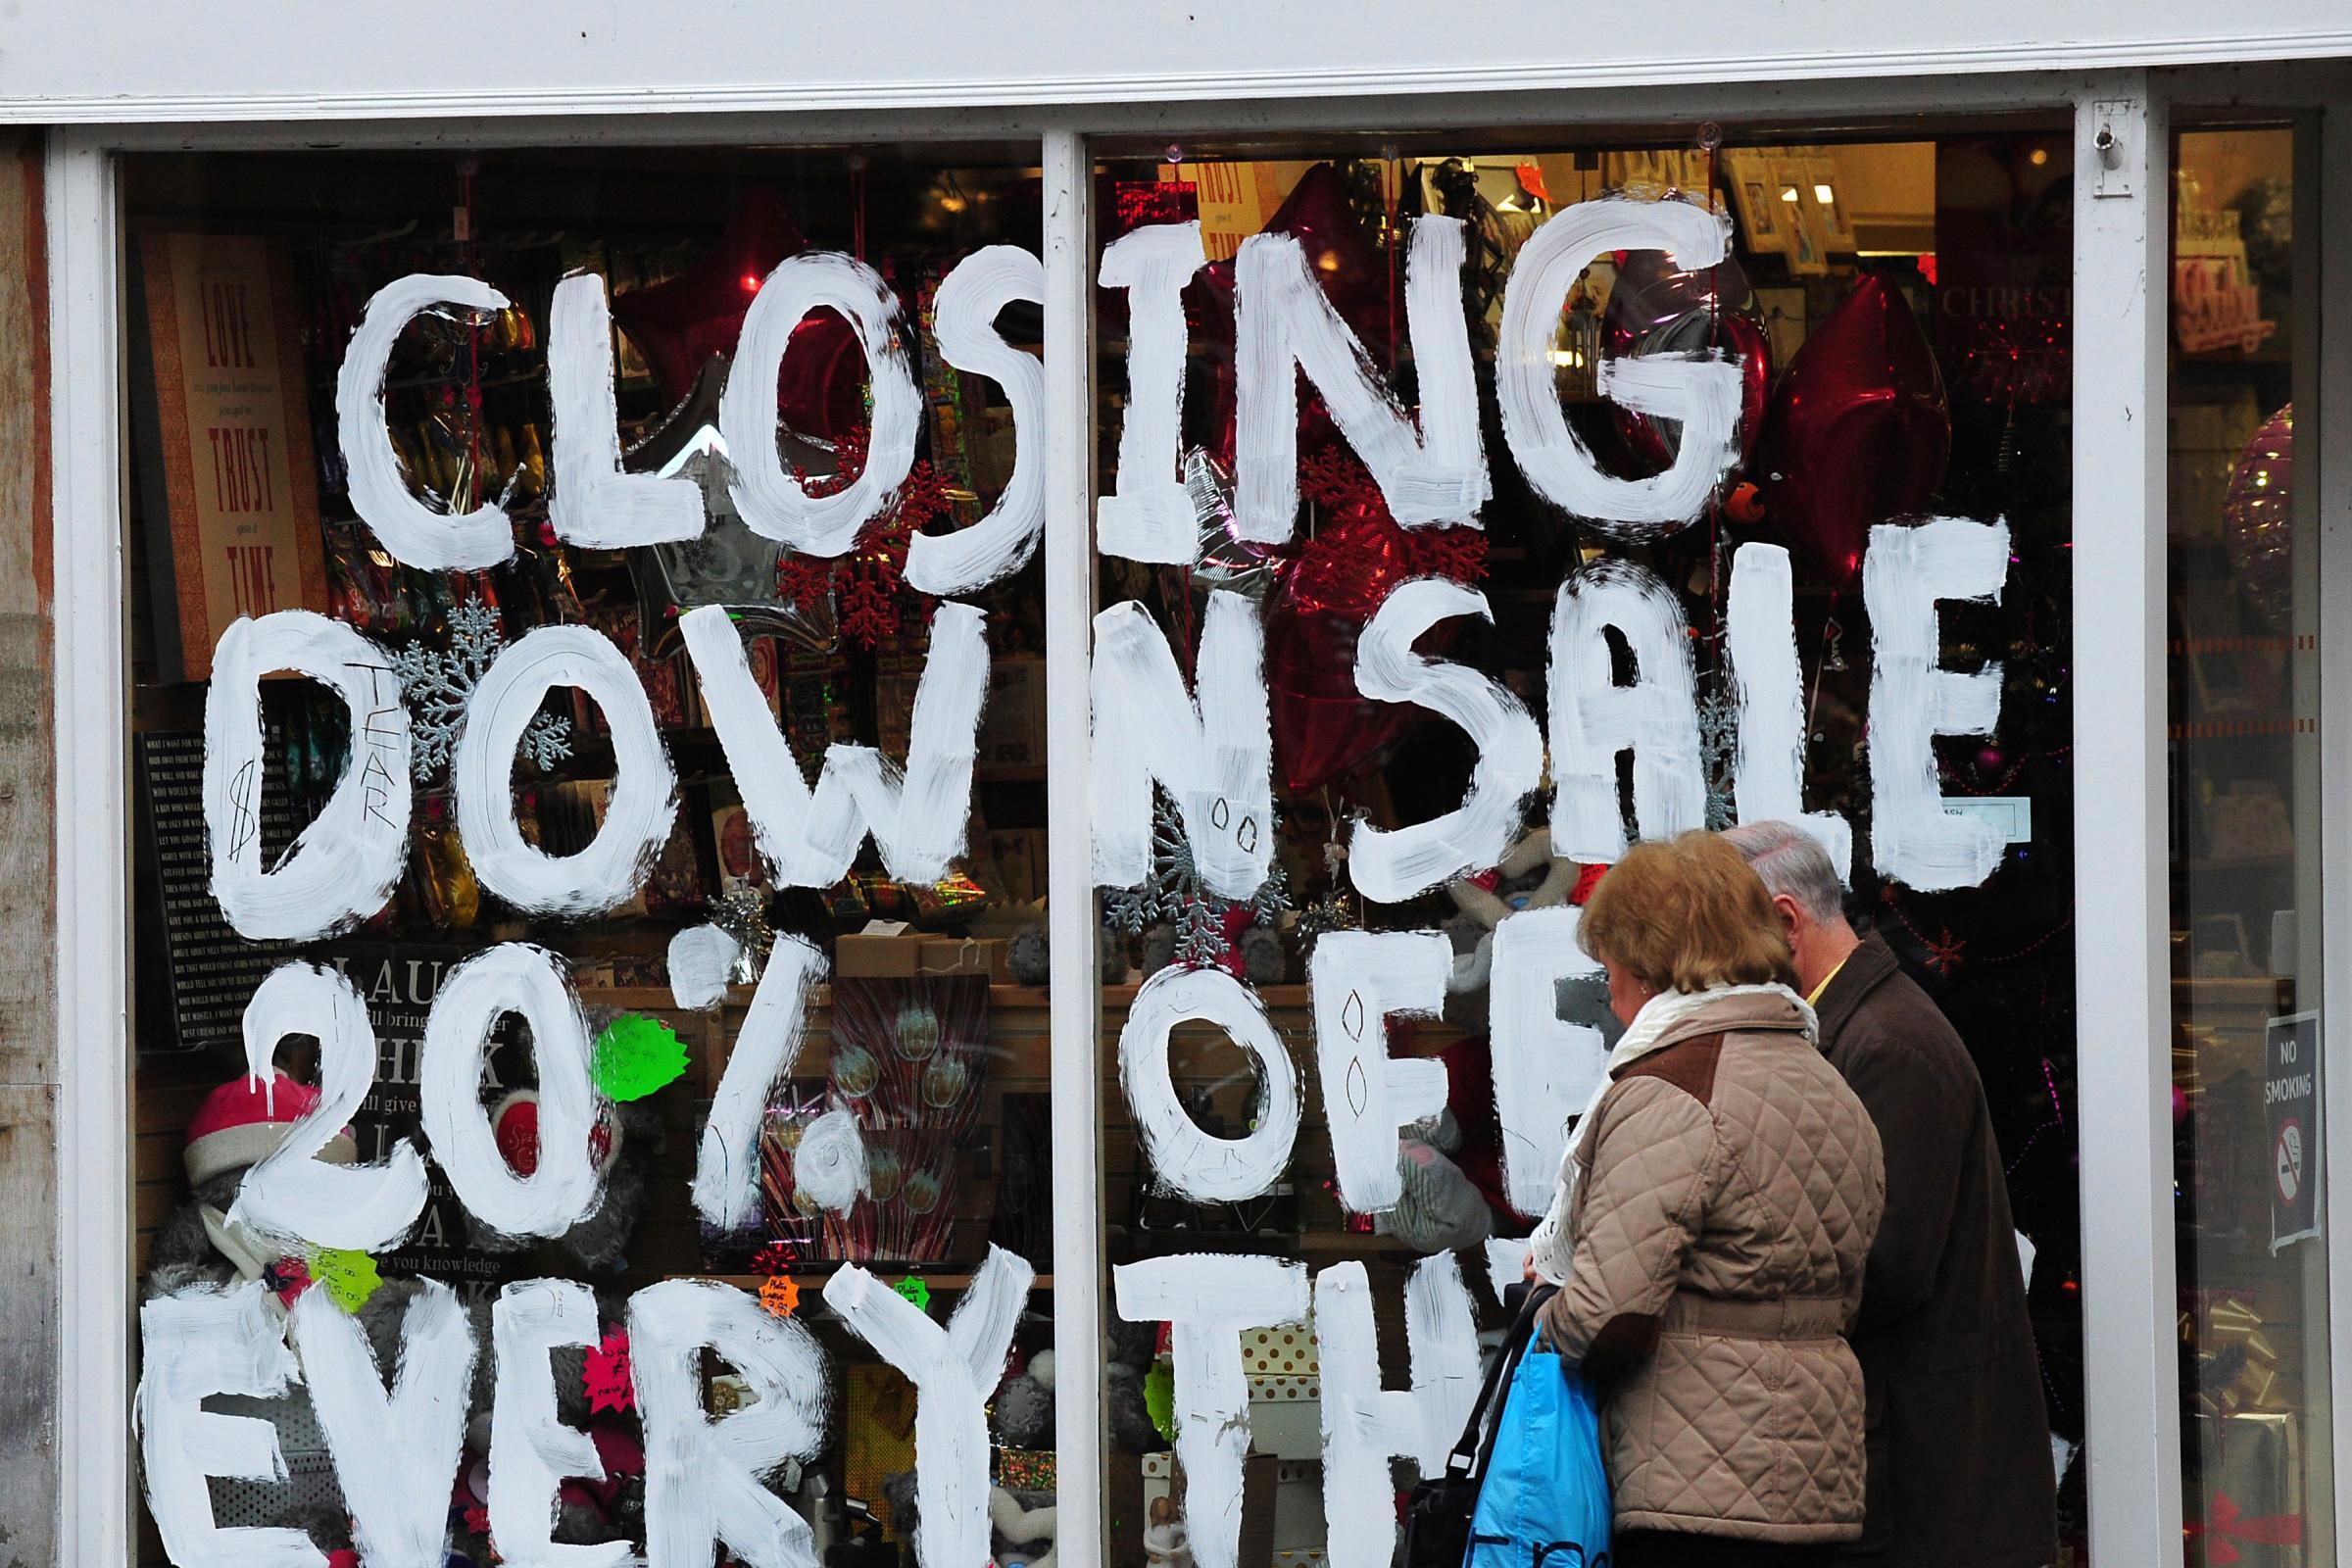 让苏格兰的私人企业陷入困境